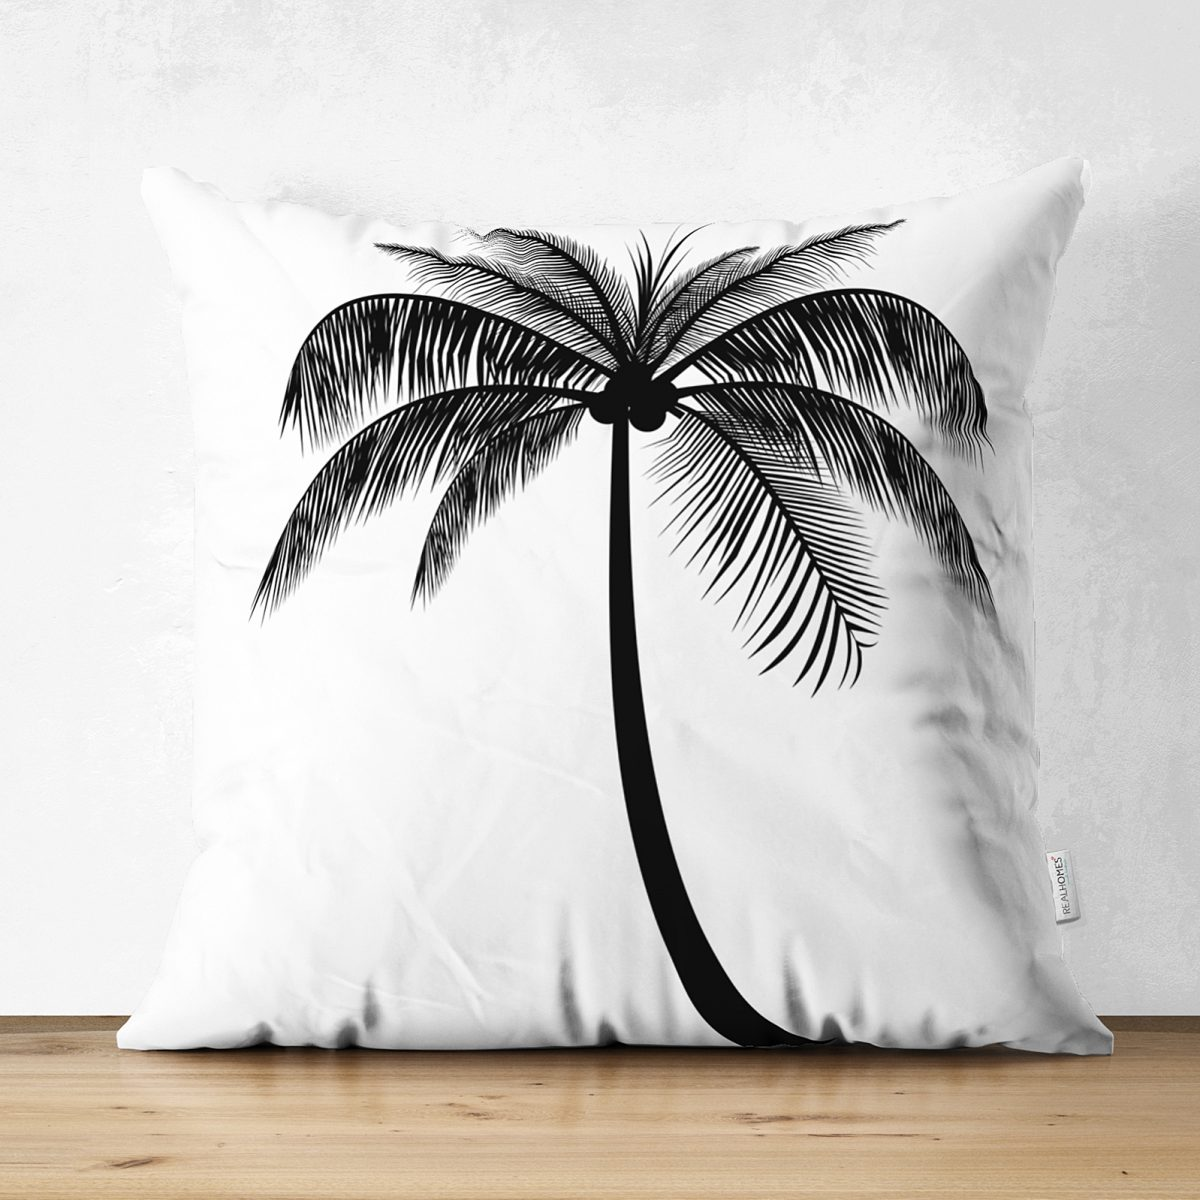 Beyaz Zeminde Siyah Palmiye Desenli Çift Taraflı Özel Tasarım Süet Yastık Kılıfı Realhomes